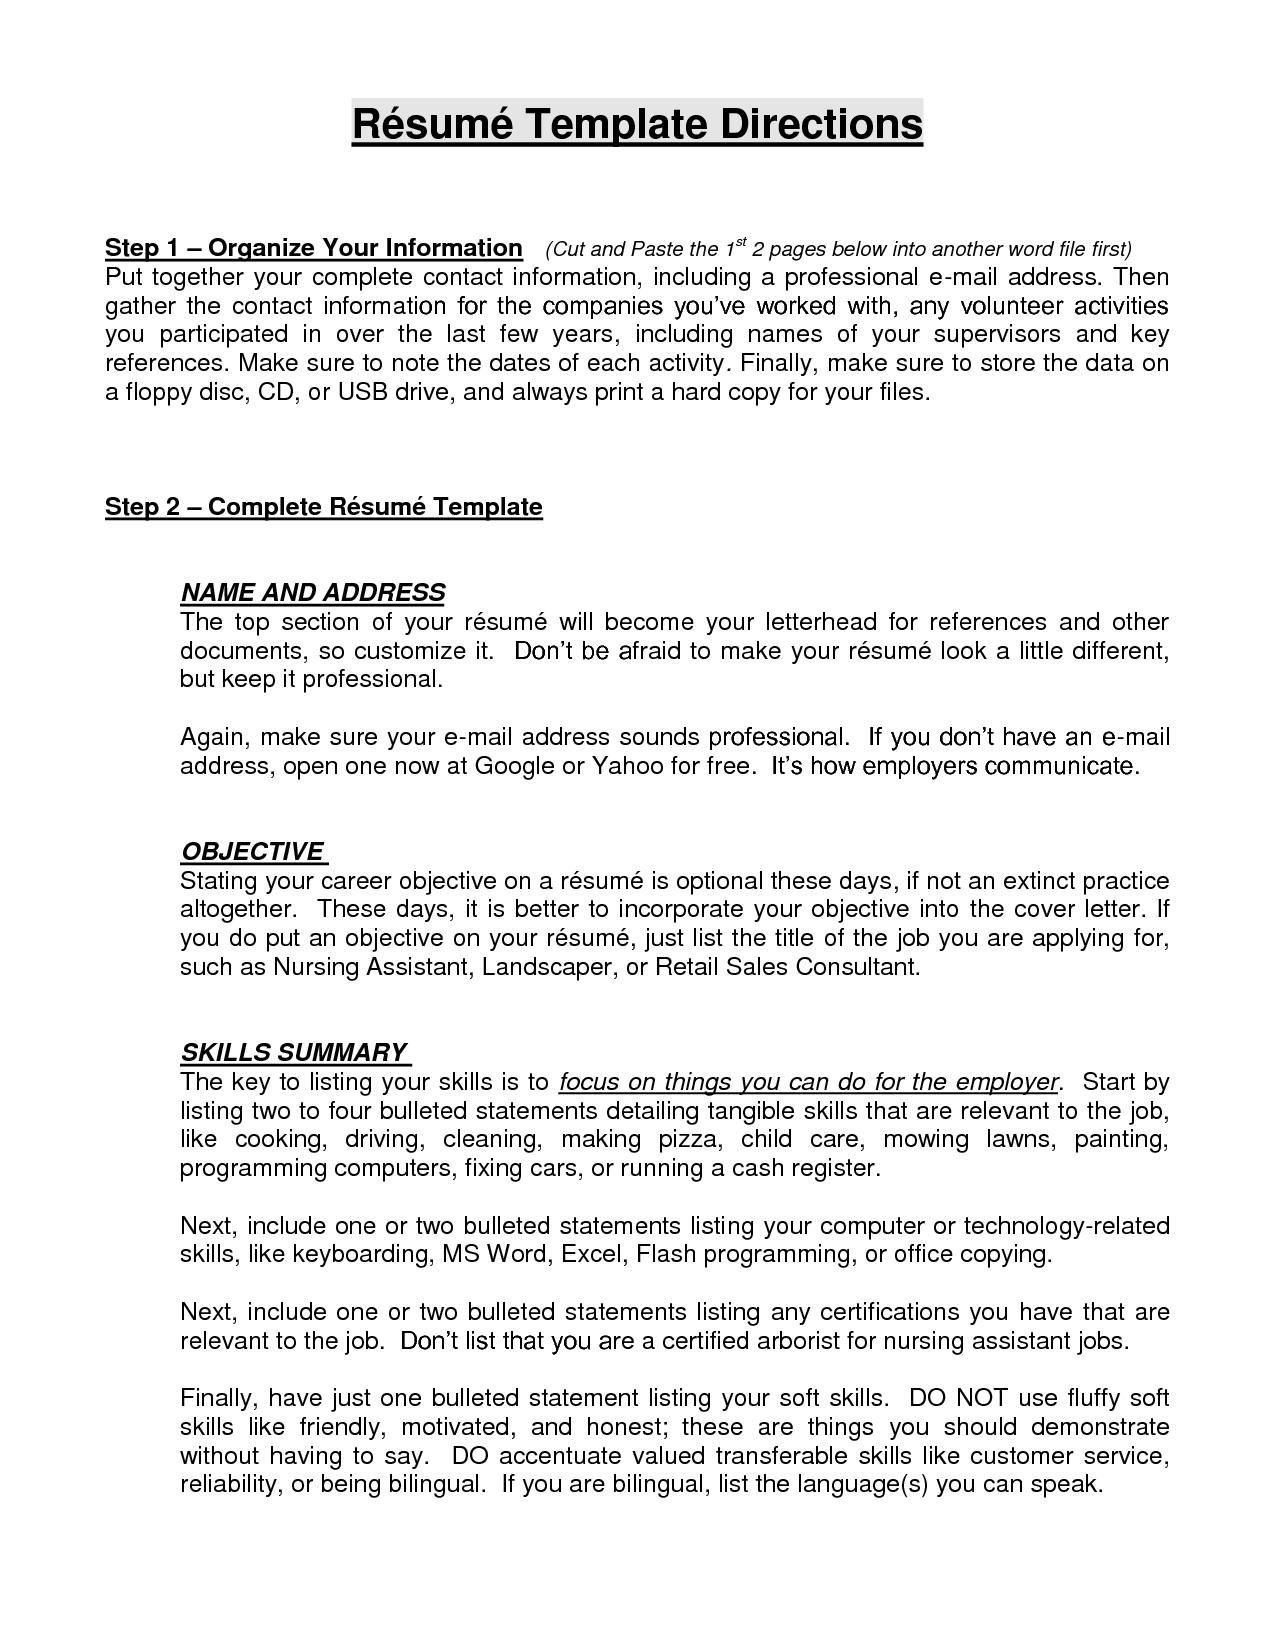 Resume Objective Statements Ideas http//www.jobresume